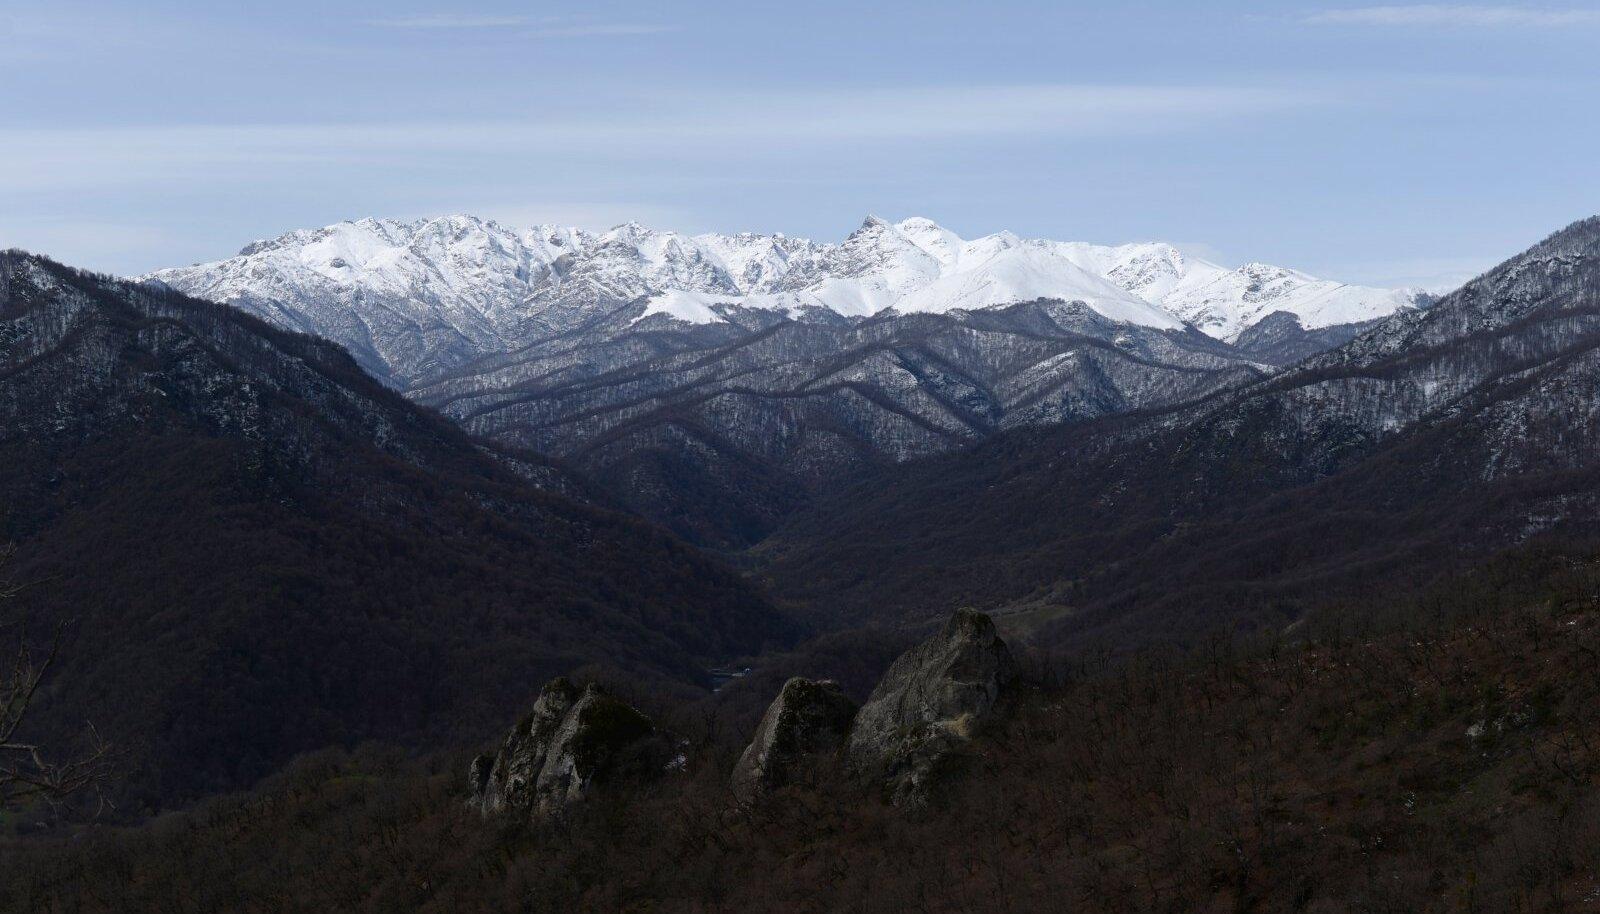 Mis on Mägi-Karabahhile  nime andnud, on ilmne.  See on ka ainus selge asi. De facto on tegu Aserbaidžaani keskvalitsusest sõltumatu Mägi-Karabahhi Vabariigiga, mis lisaks endise autonoomse oblasti aladele hõlmab ka ümberkaudseid piirkondi. Mägi-Karabahhi Vabariiki pole ametlikult tunnustanud ükski riik, isegi mitte Armeenia.